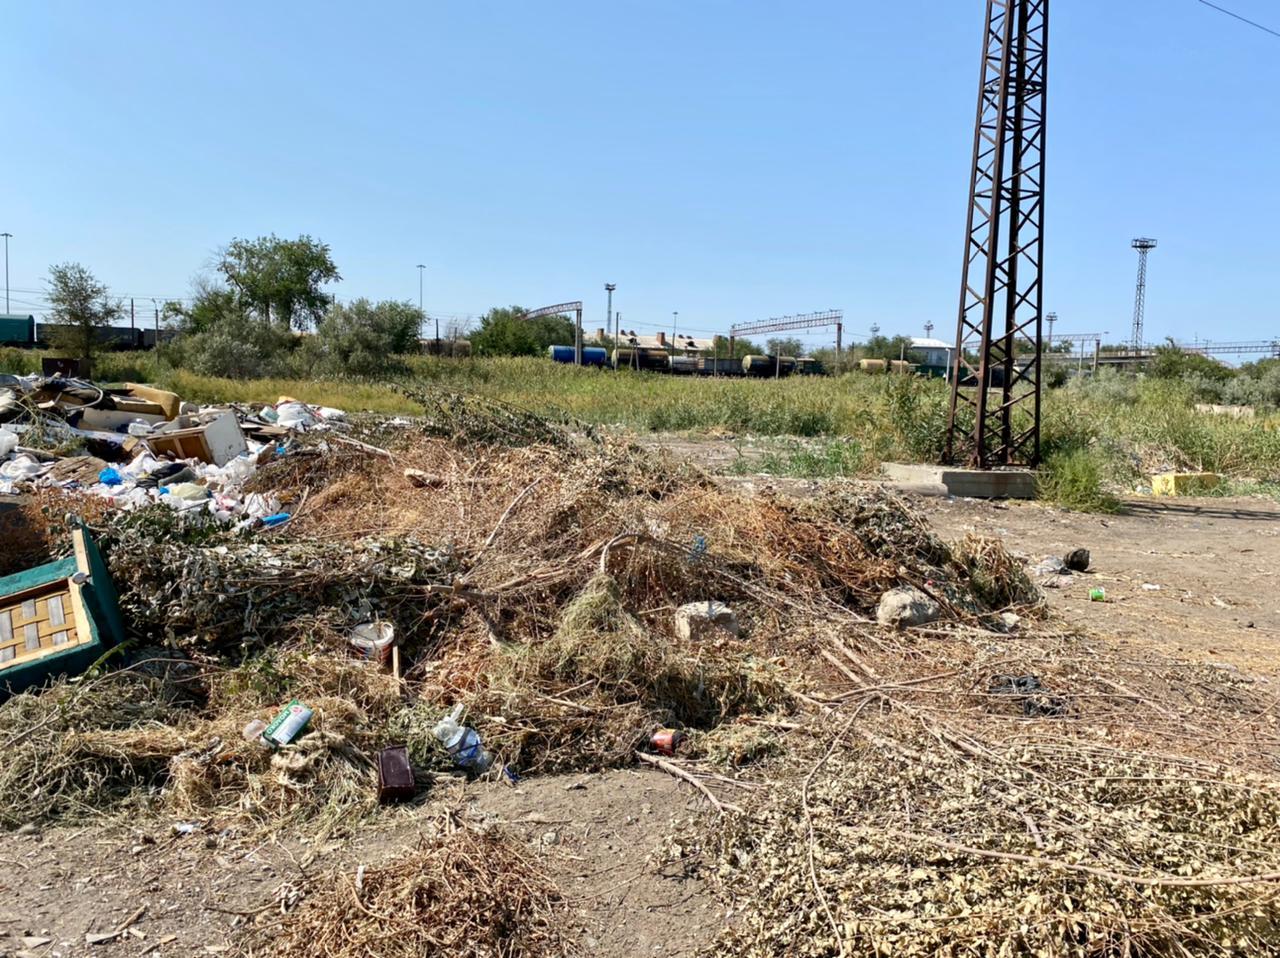 image 01 09 21 03 00 1 Стихийная свалка в Астрахани, ликвидированная в августе, вновь выросла